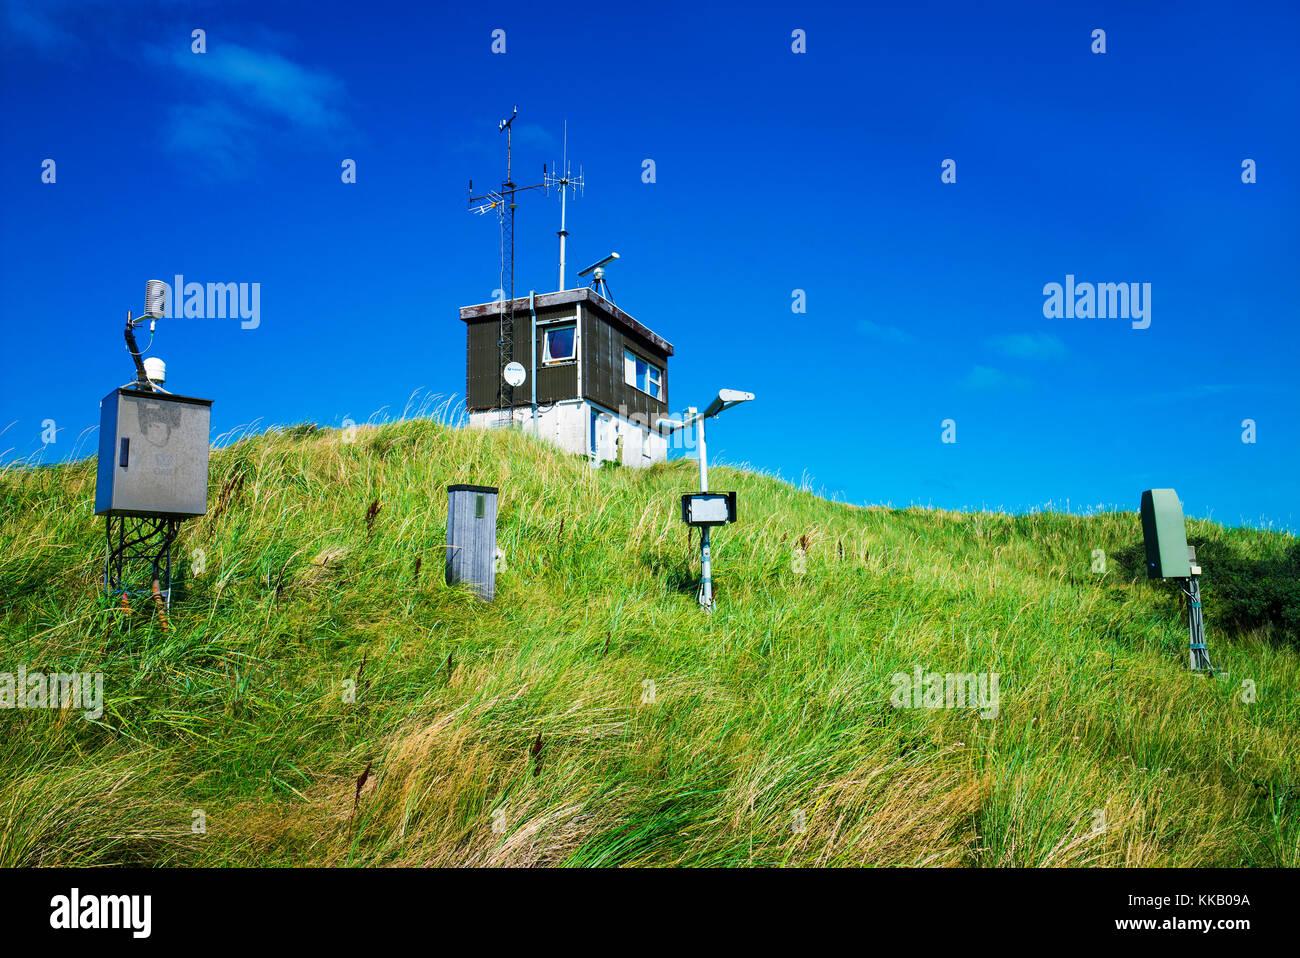 meteorological station Skagen denmark - Stock Image